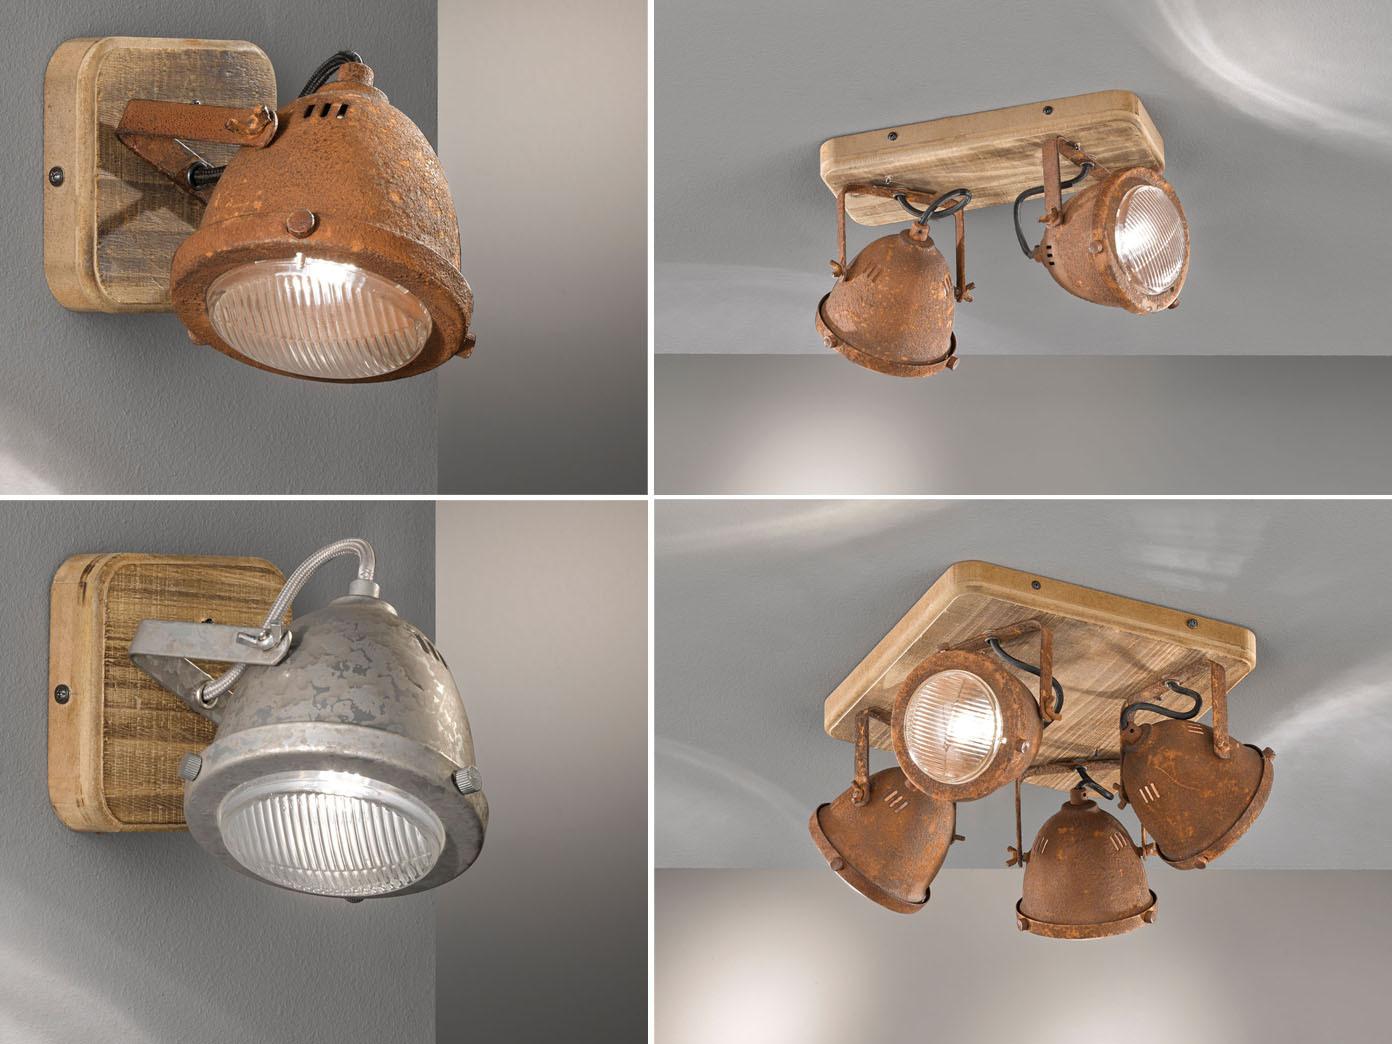 Full Size of Küchenlampen Industriedesign Spots Aus Holz Mit Metall Lampenschirm Wohnzimmer Küchenlampen